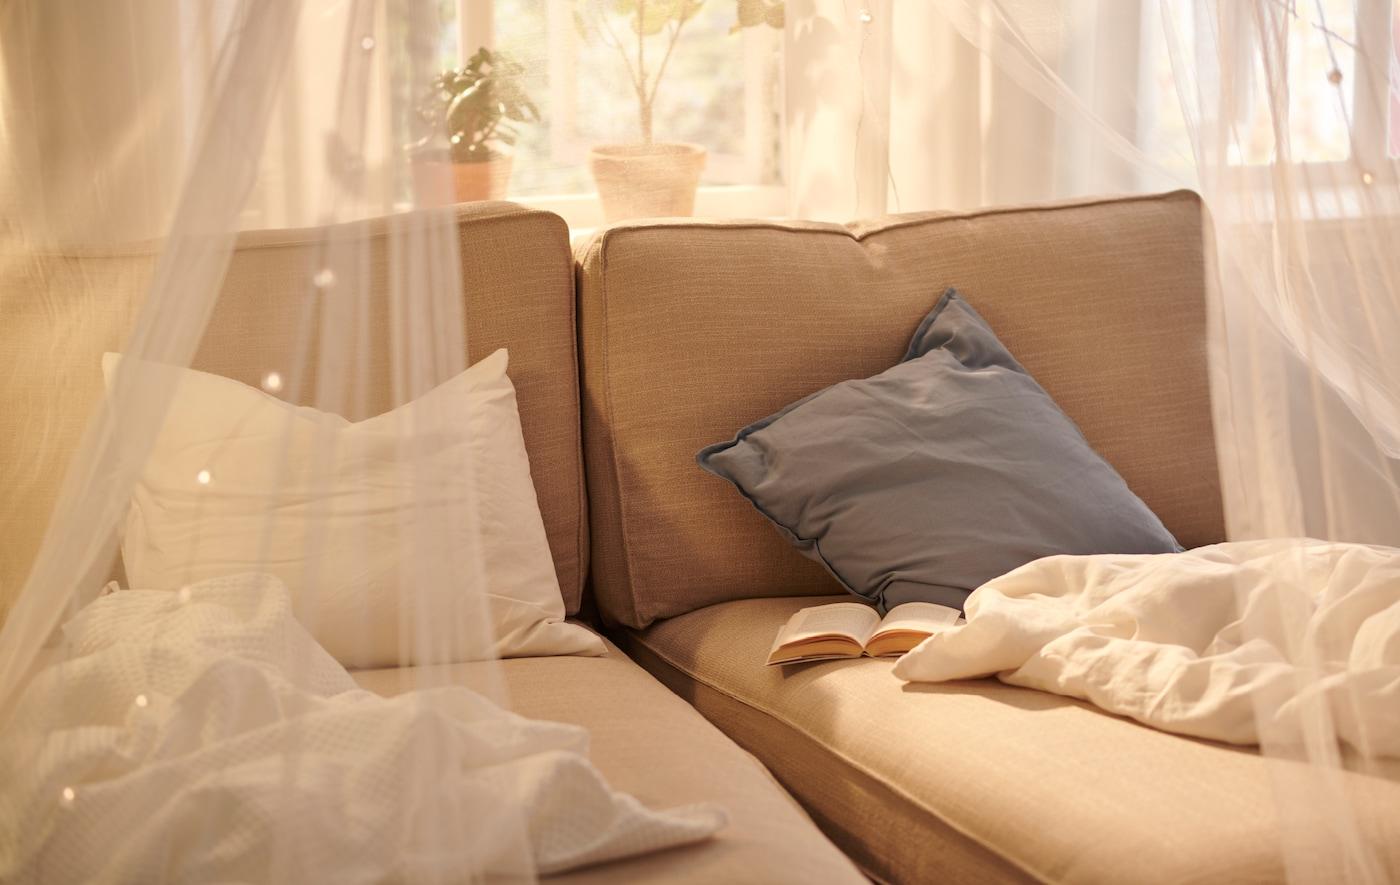 采光充足的窗户旁并排摆放着两张米色 KIVIK 奇维 贵妃椅。贵妃椅上放着床罩和书,上方挂着 SOLIG 索利格 帘帐。